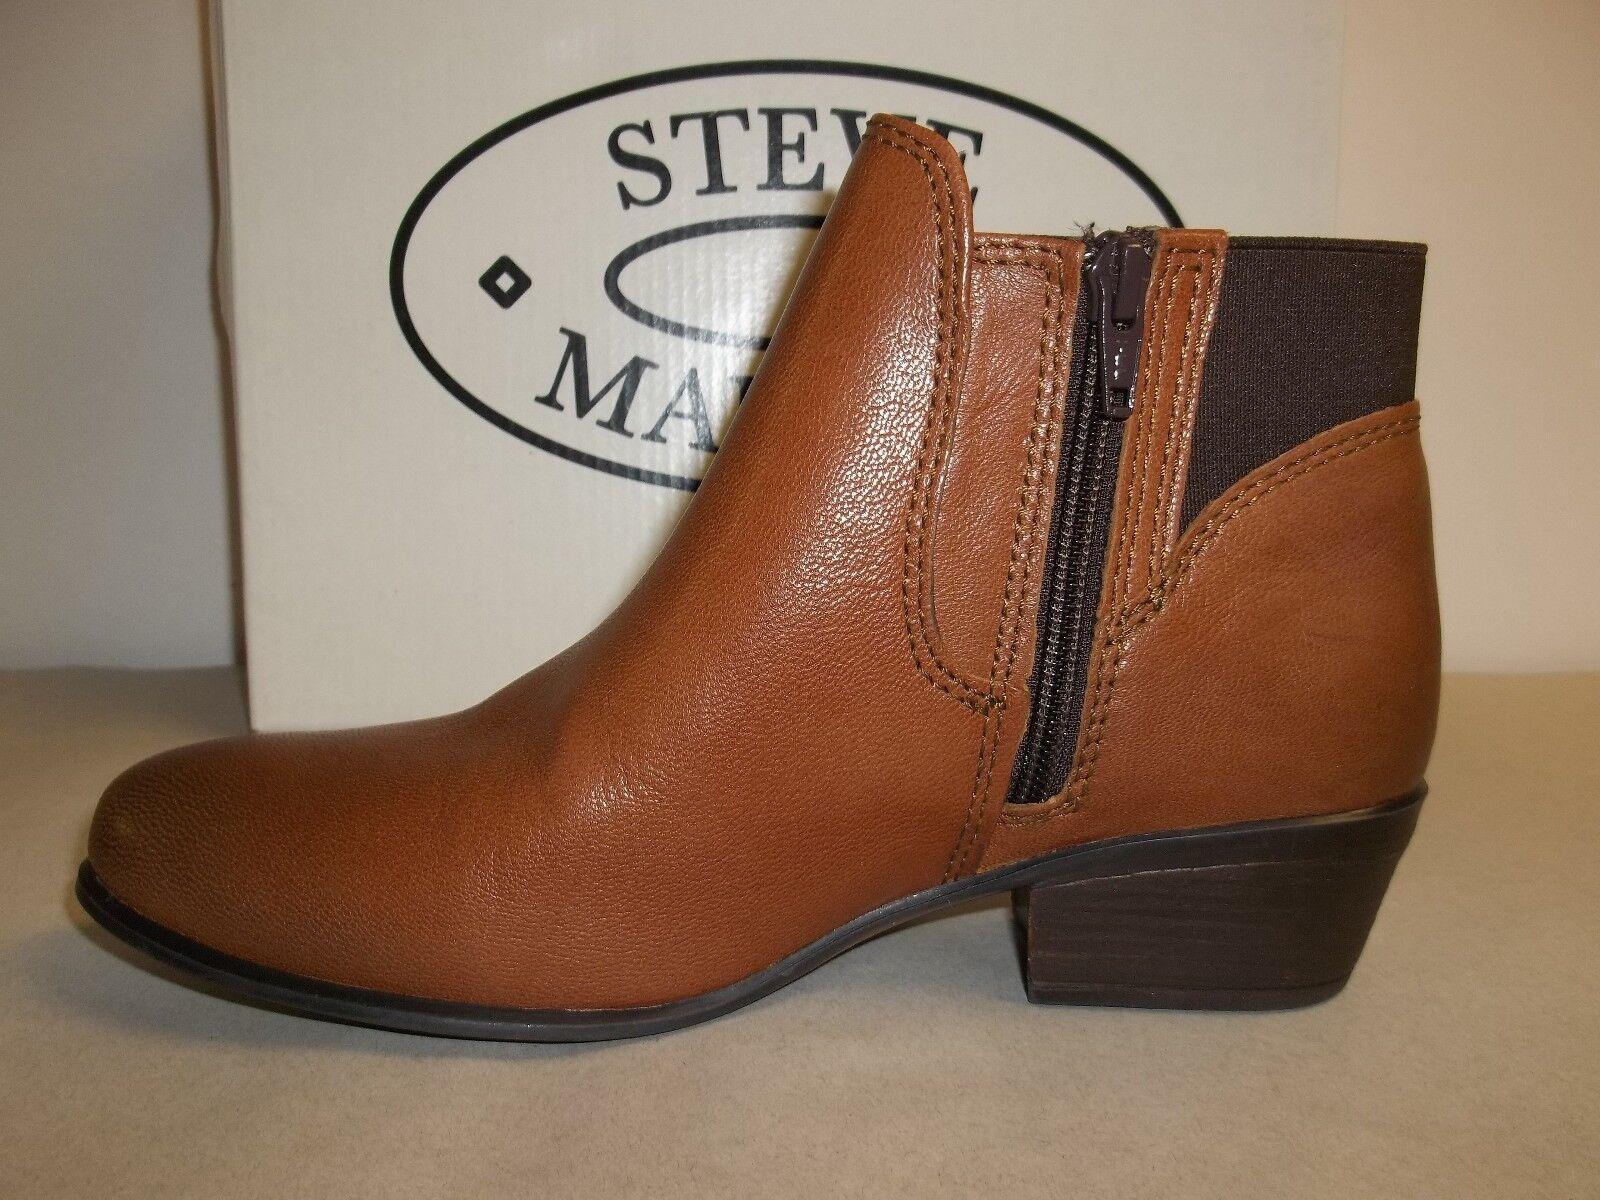 Steve Madden Größe 6 M Rozamare Dark Cognac Leder Ankle Stiefel NEU Damenschuhe Schuhes